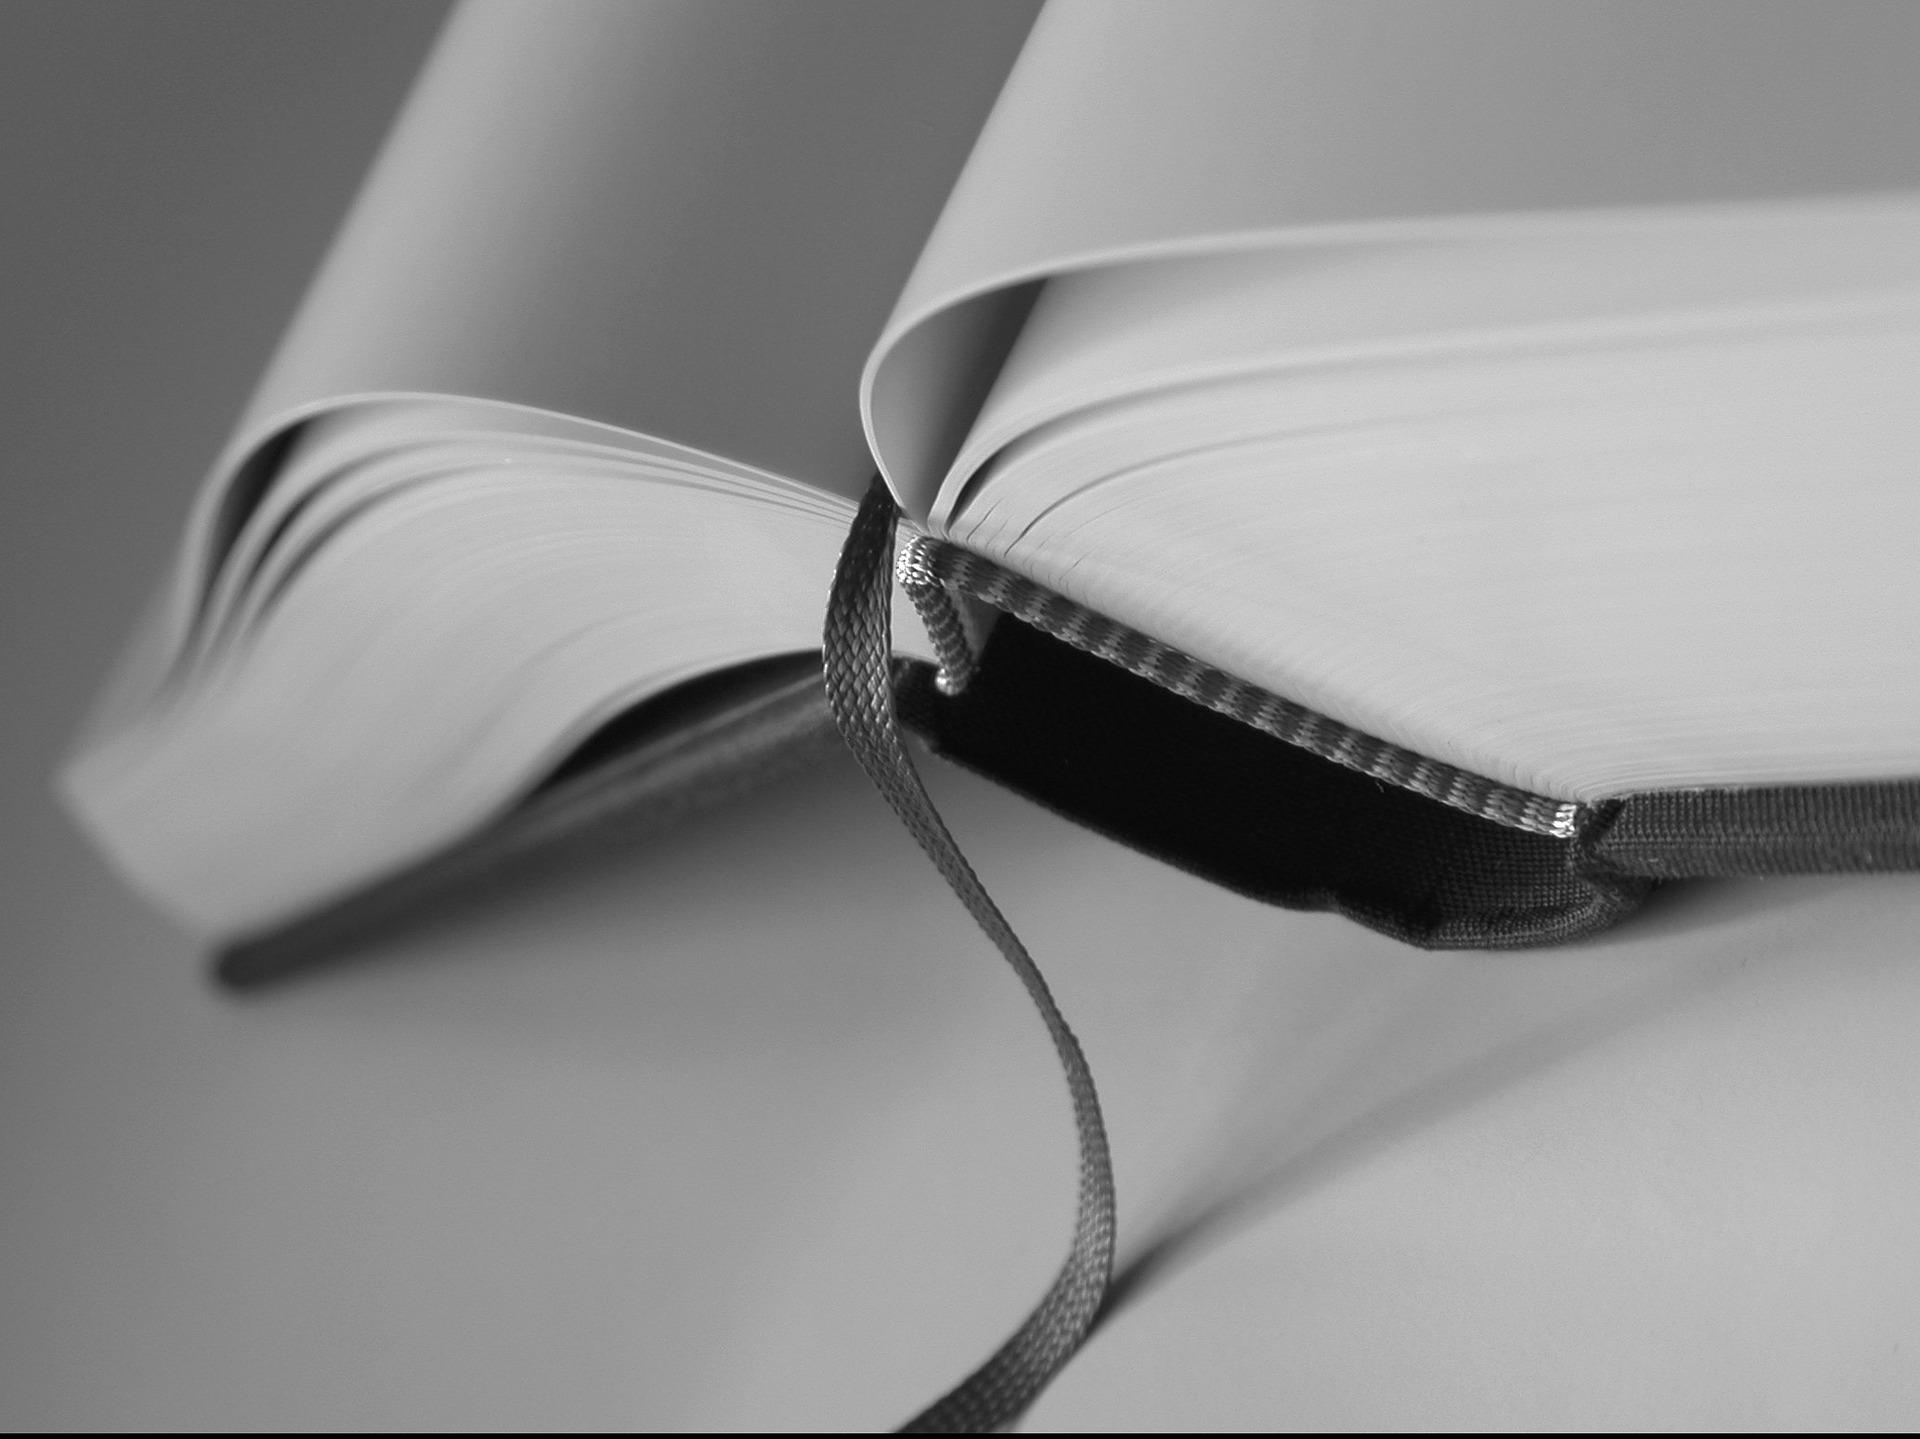 open-book-2159521_1920